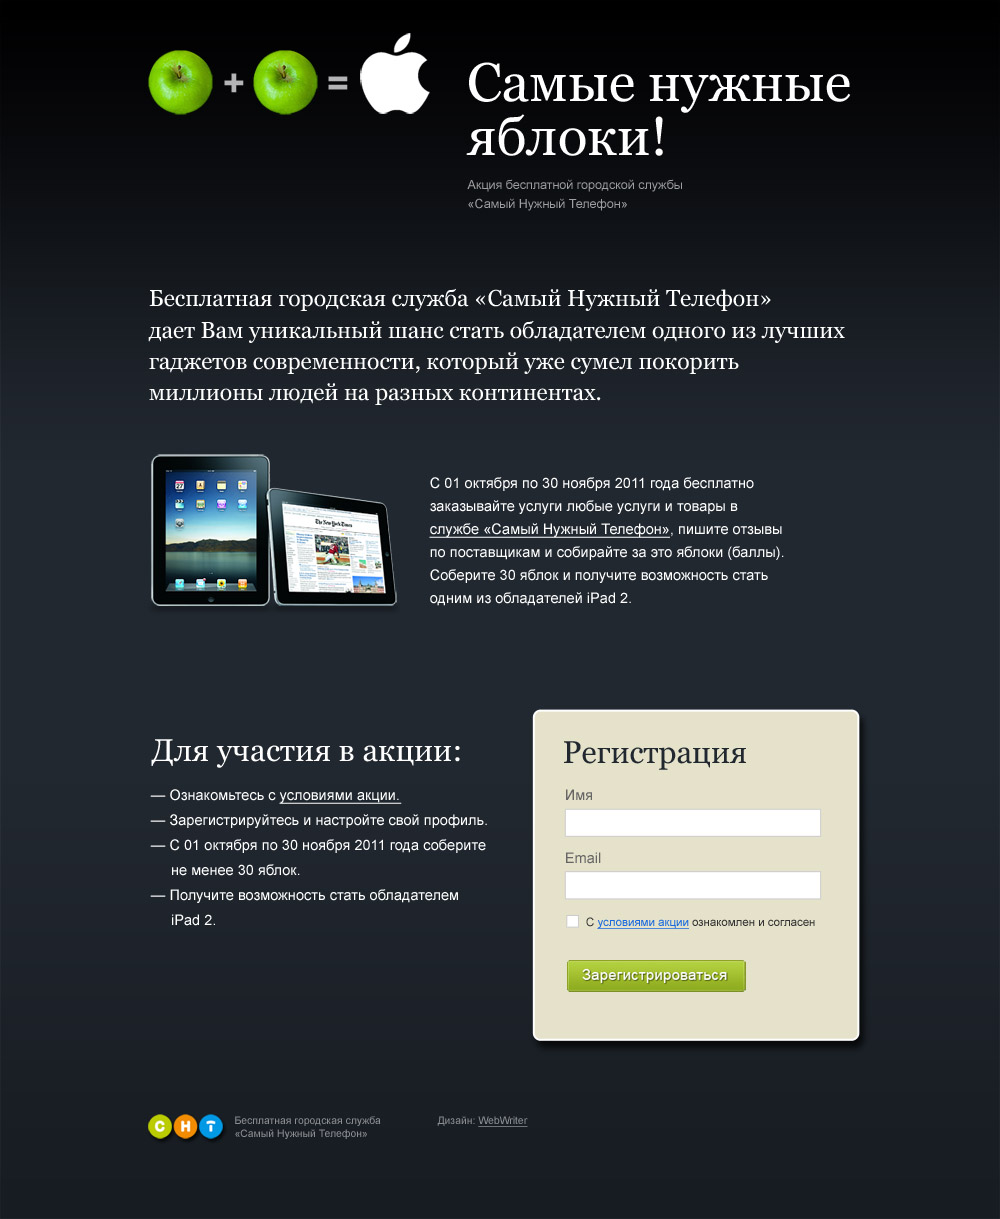 """Дизайн сайта акции """"Самые нужные яблоки"""" компании """"Самый нужный телефон"""""""